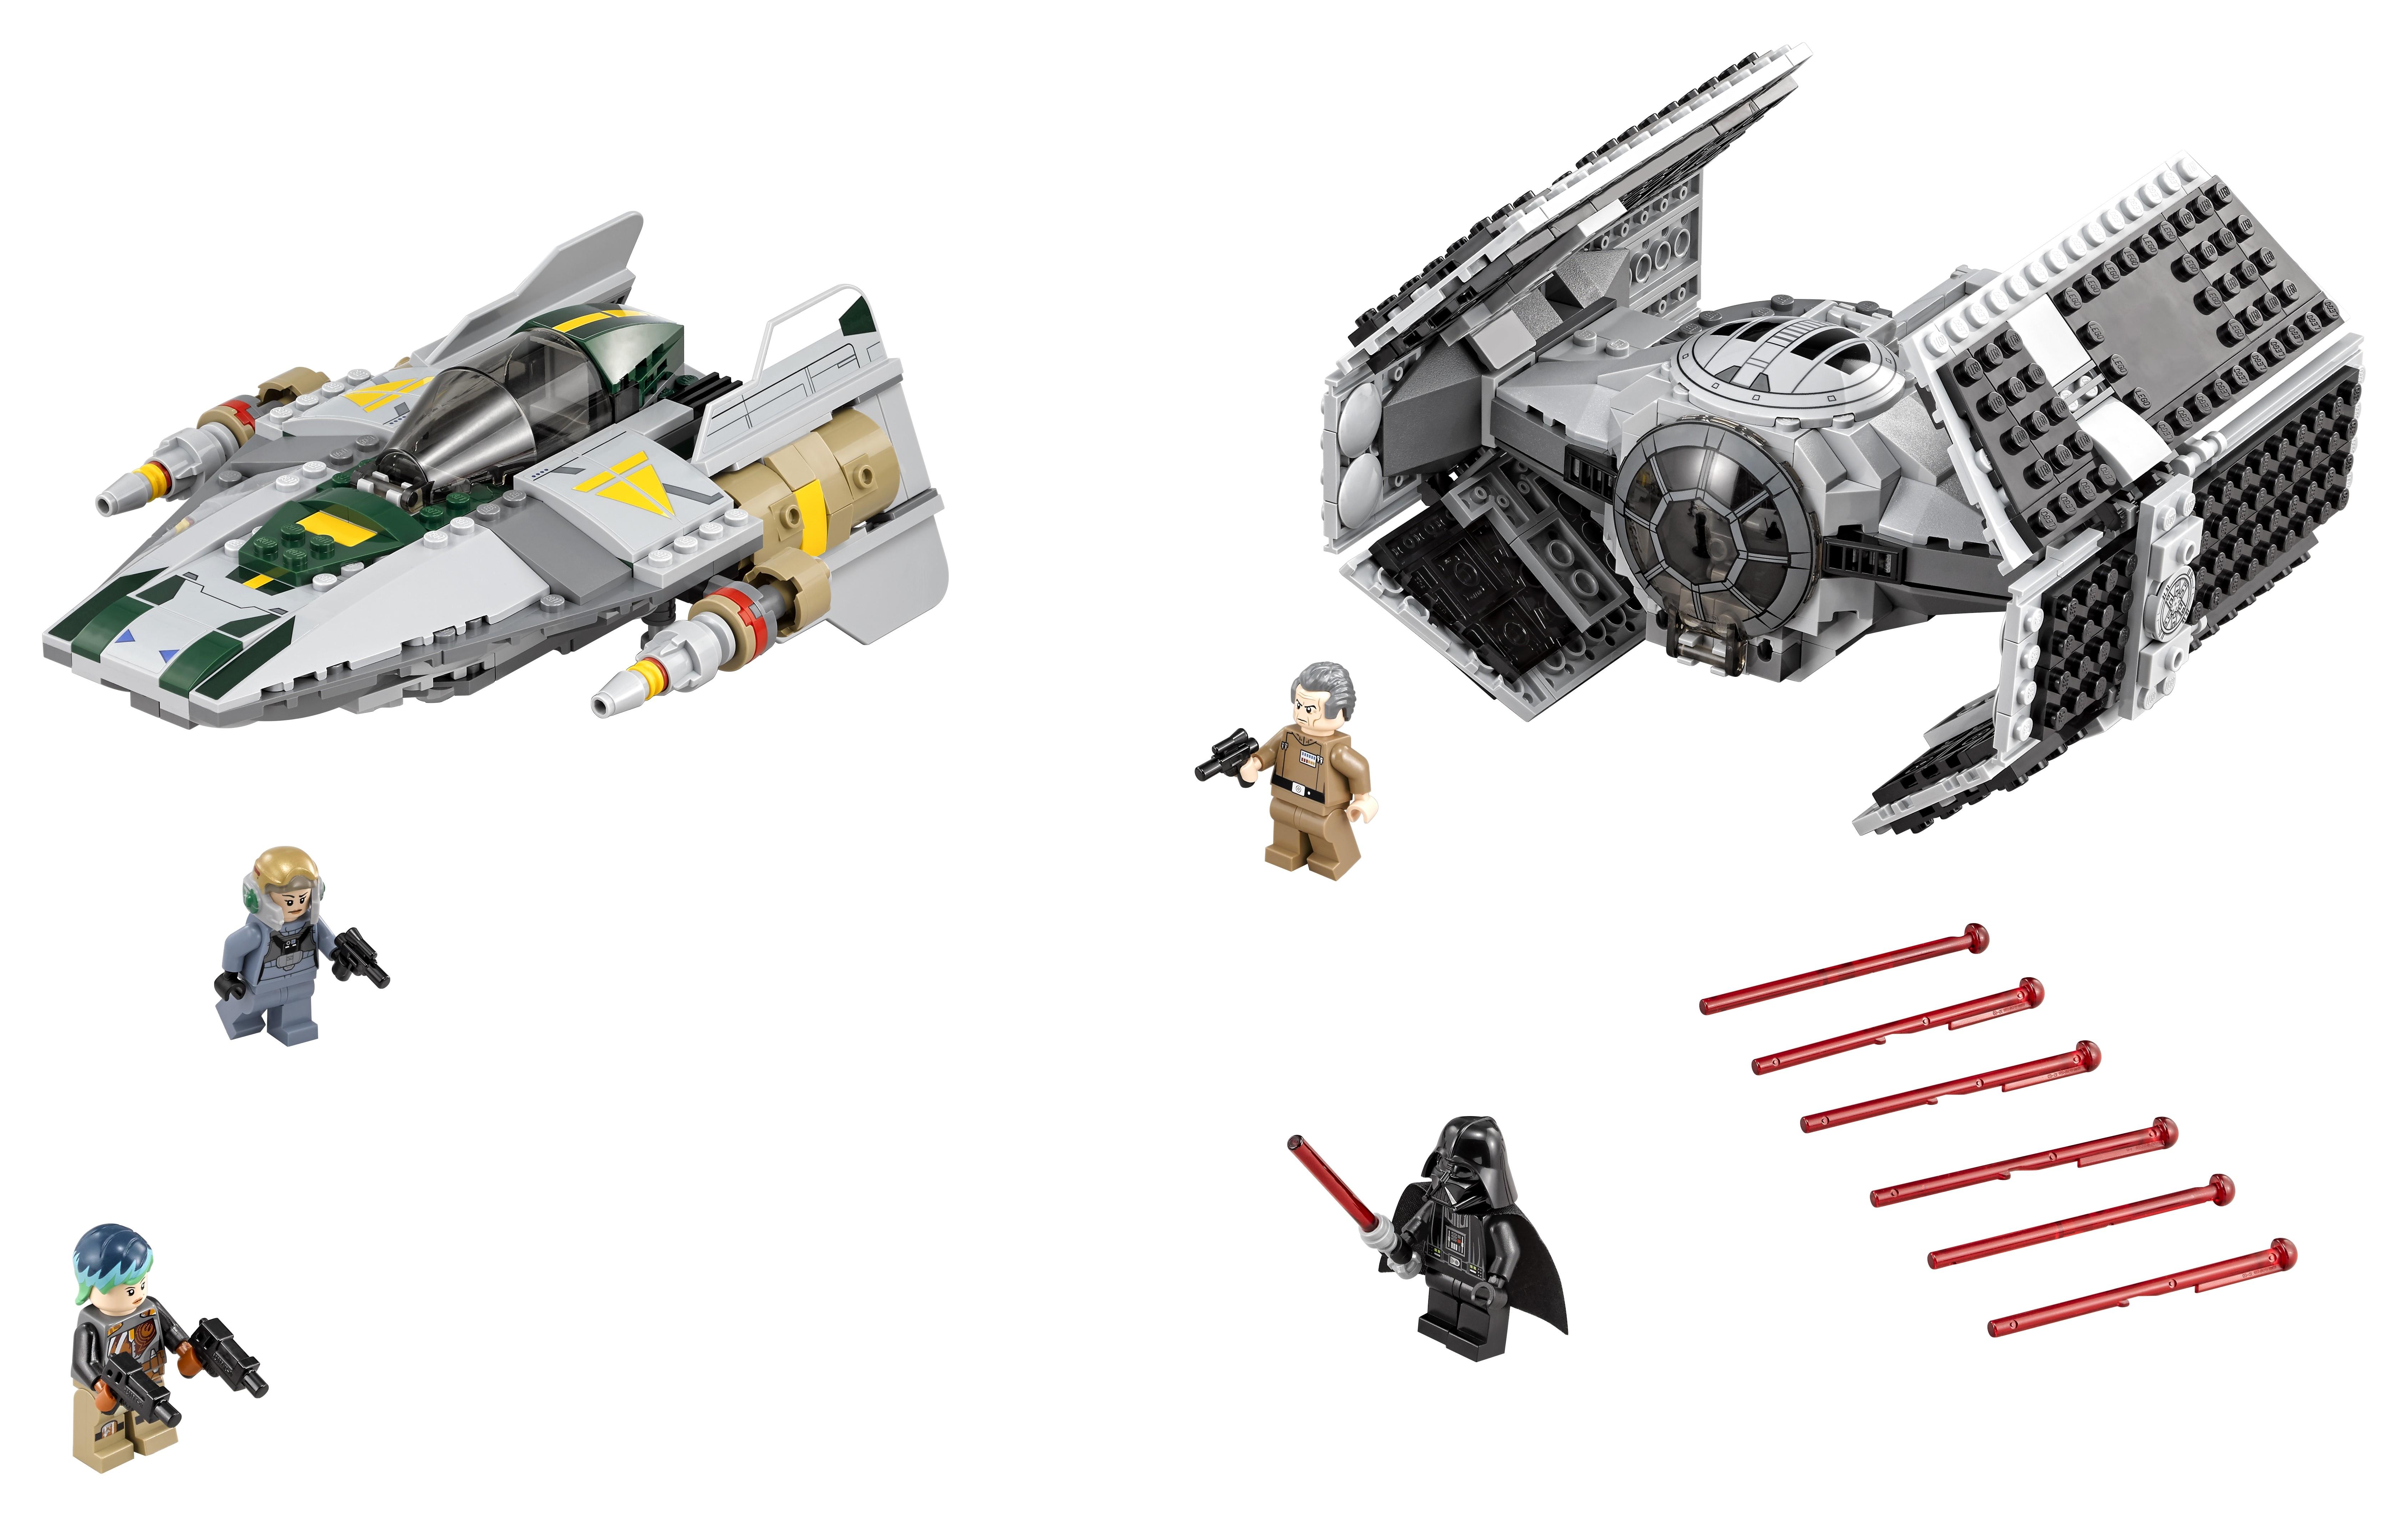 Star Wars LEGO 75150 Усовершенствованный истребитель TIE Дарта Вейдера против Звёздного истребителя A-Wing lego lego star wars 75150 усовершенствованный истребитель вейдера против звёздного истребителя